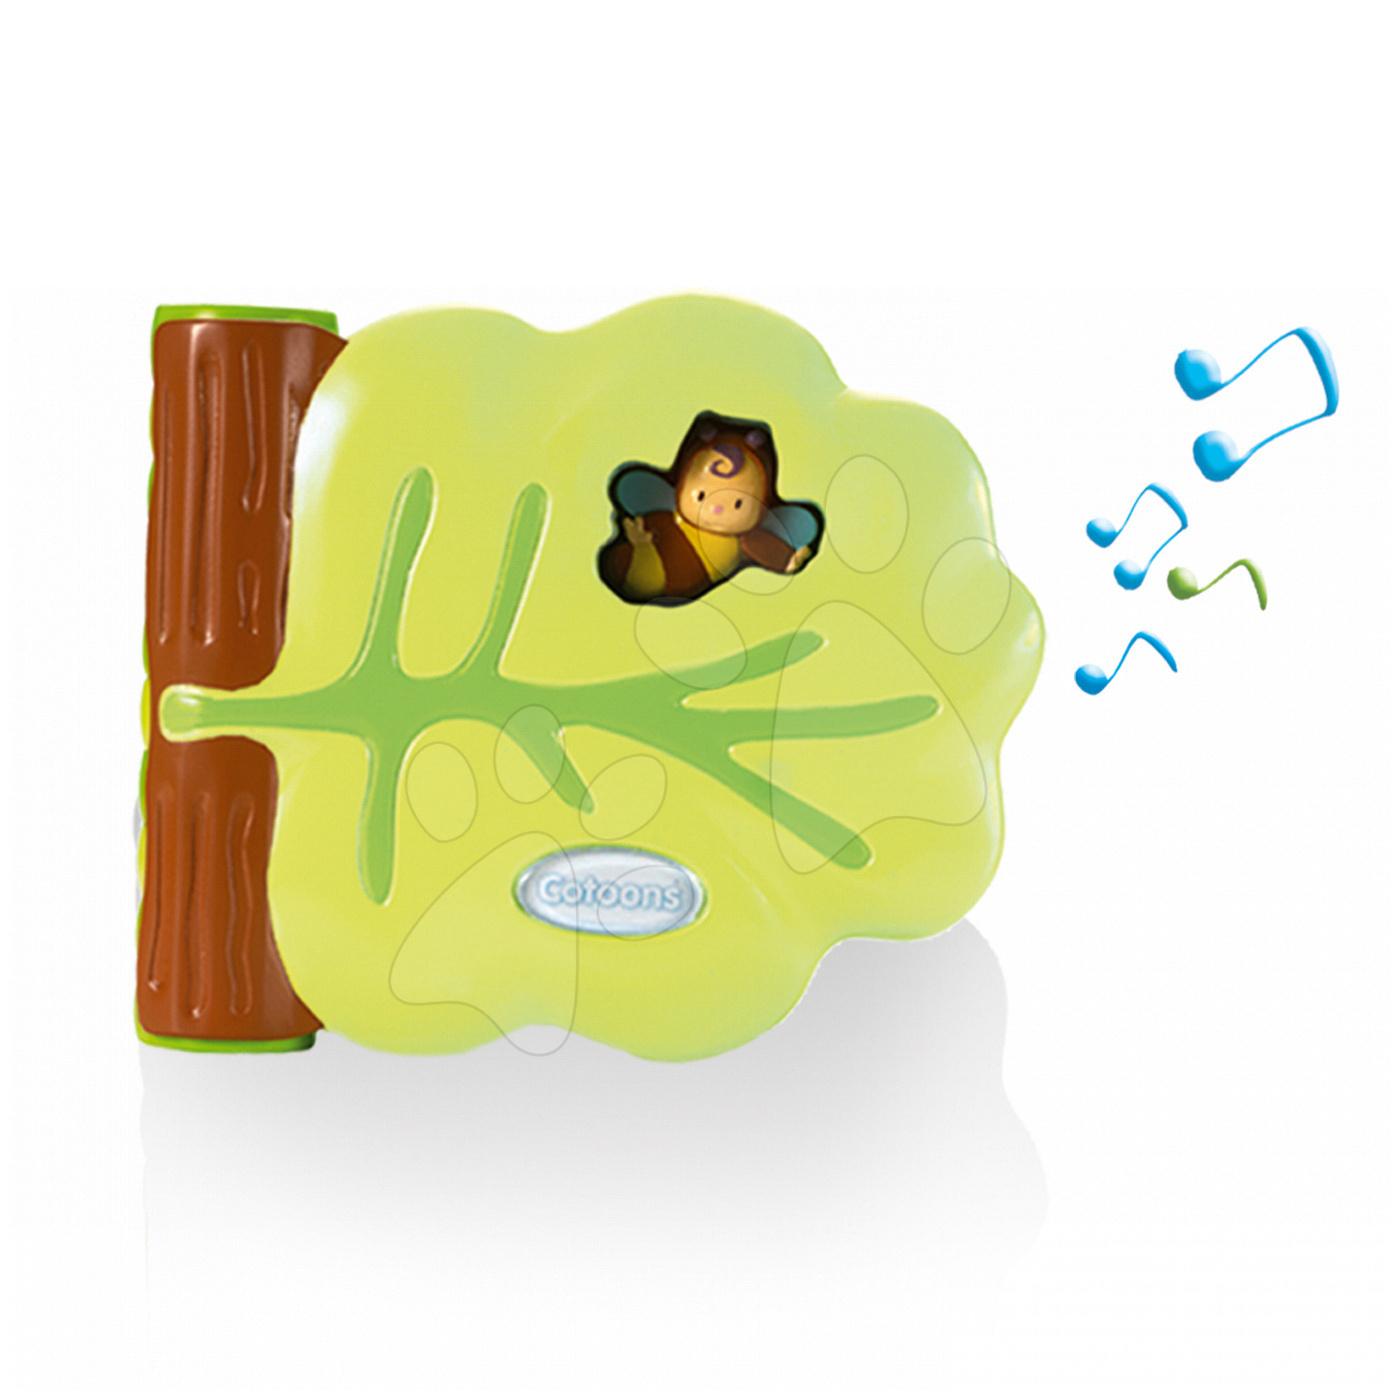 Cărticică muzicală Cotoons Smoby care se poate deschide cu 12 melodii de la 10 luni